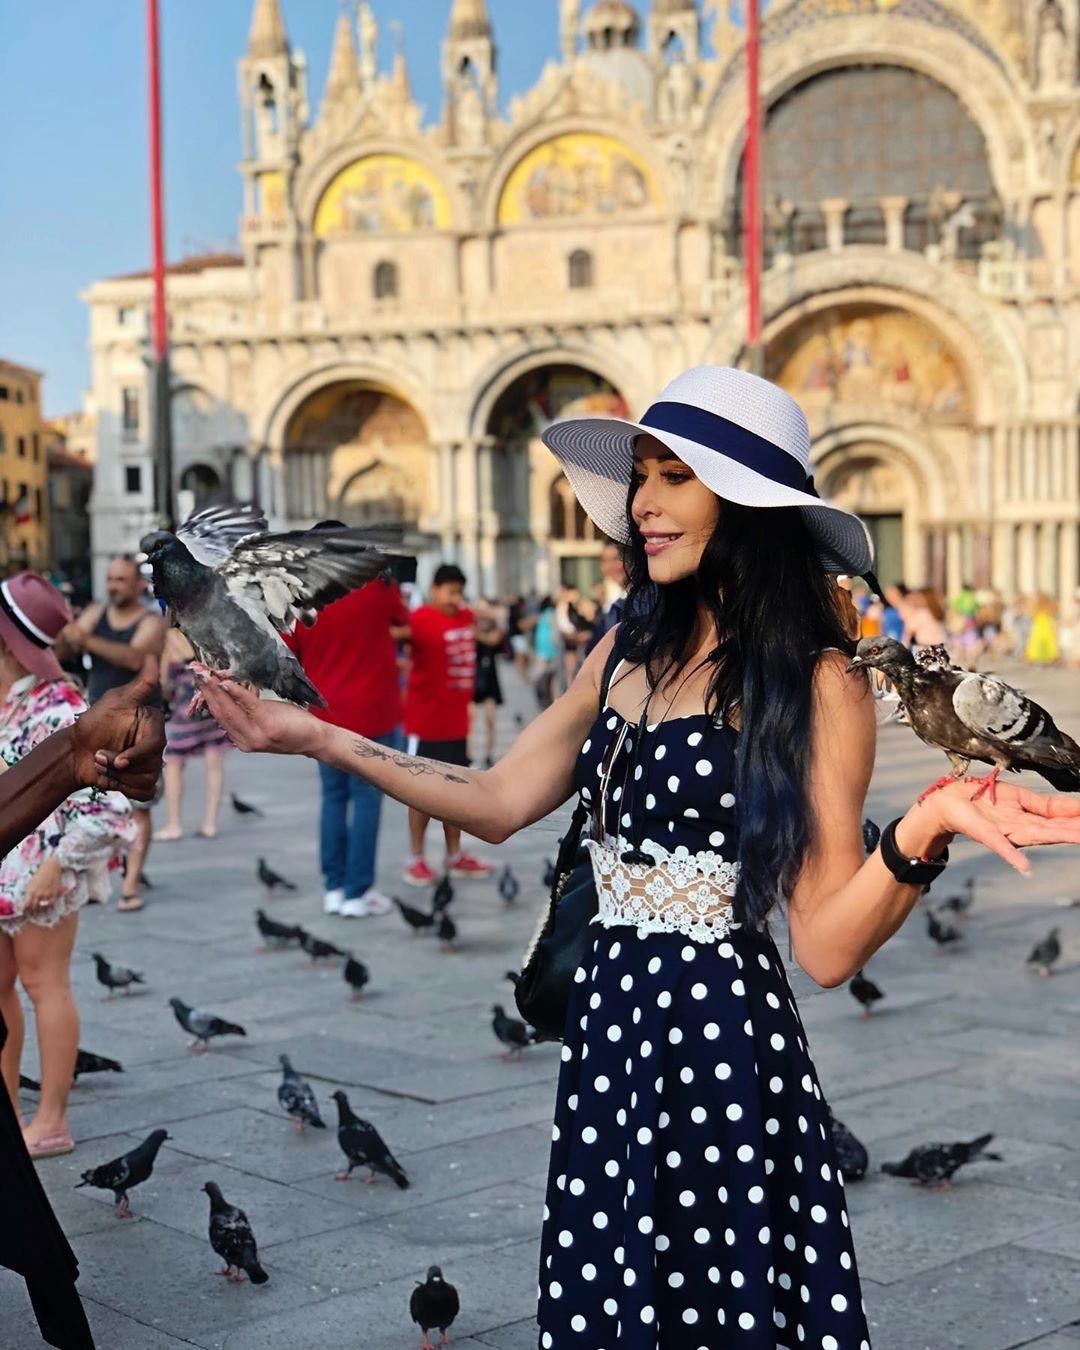 Những luật cấm kì lạ du khách cần lưu ý khi đến Venice - Ảnh 4.